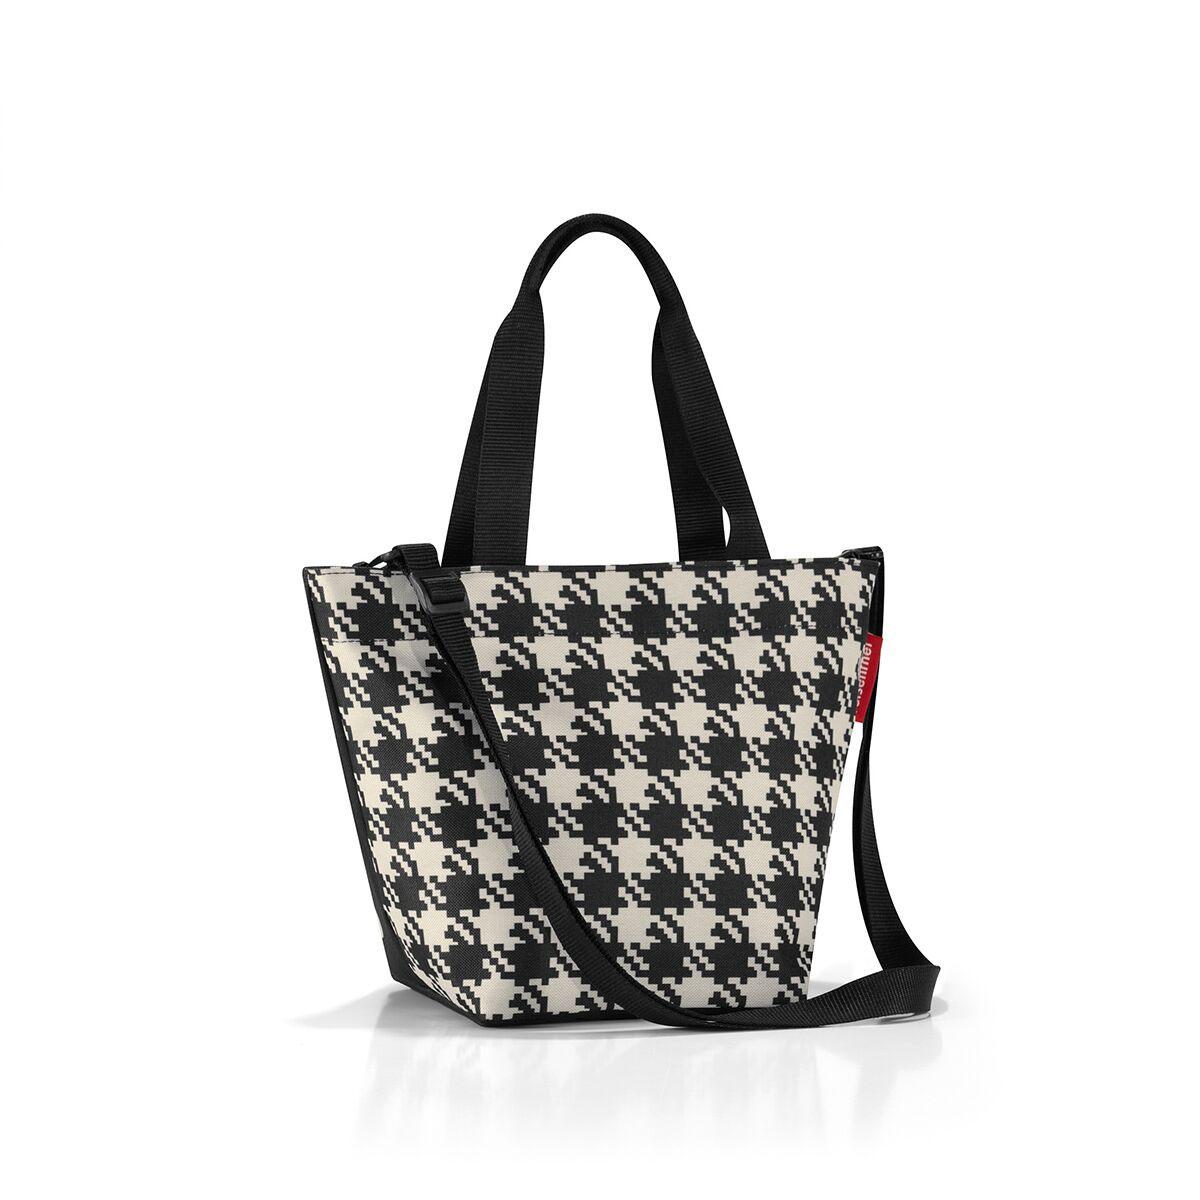 Сумка женская Reisenthel, цвет: черный, светло-бежевый. ZR7028 сумка женская reisenthel цвет бежевый черный ms7027